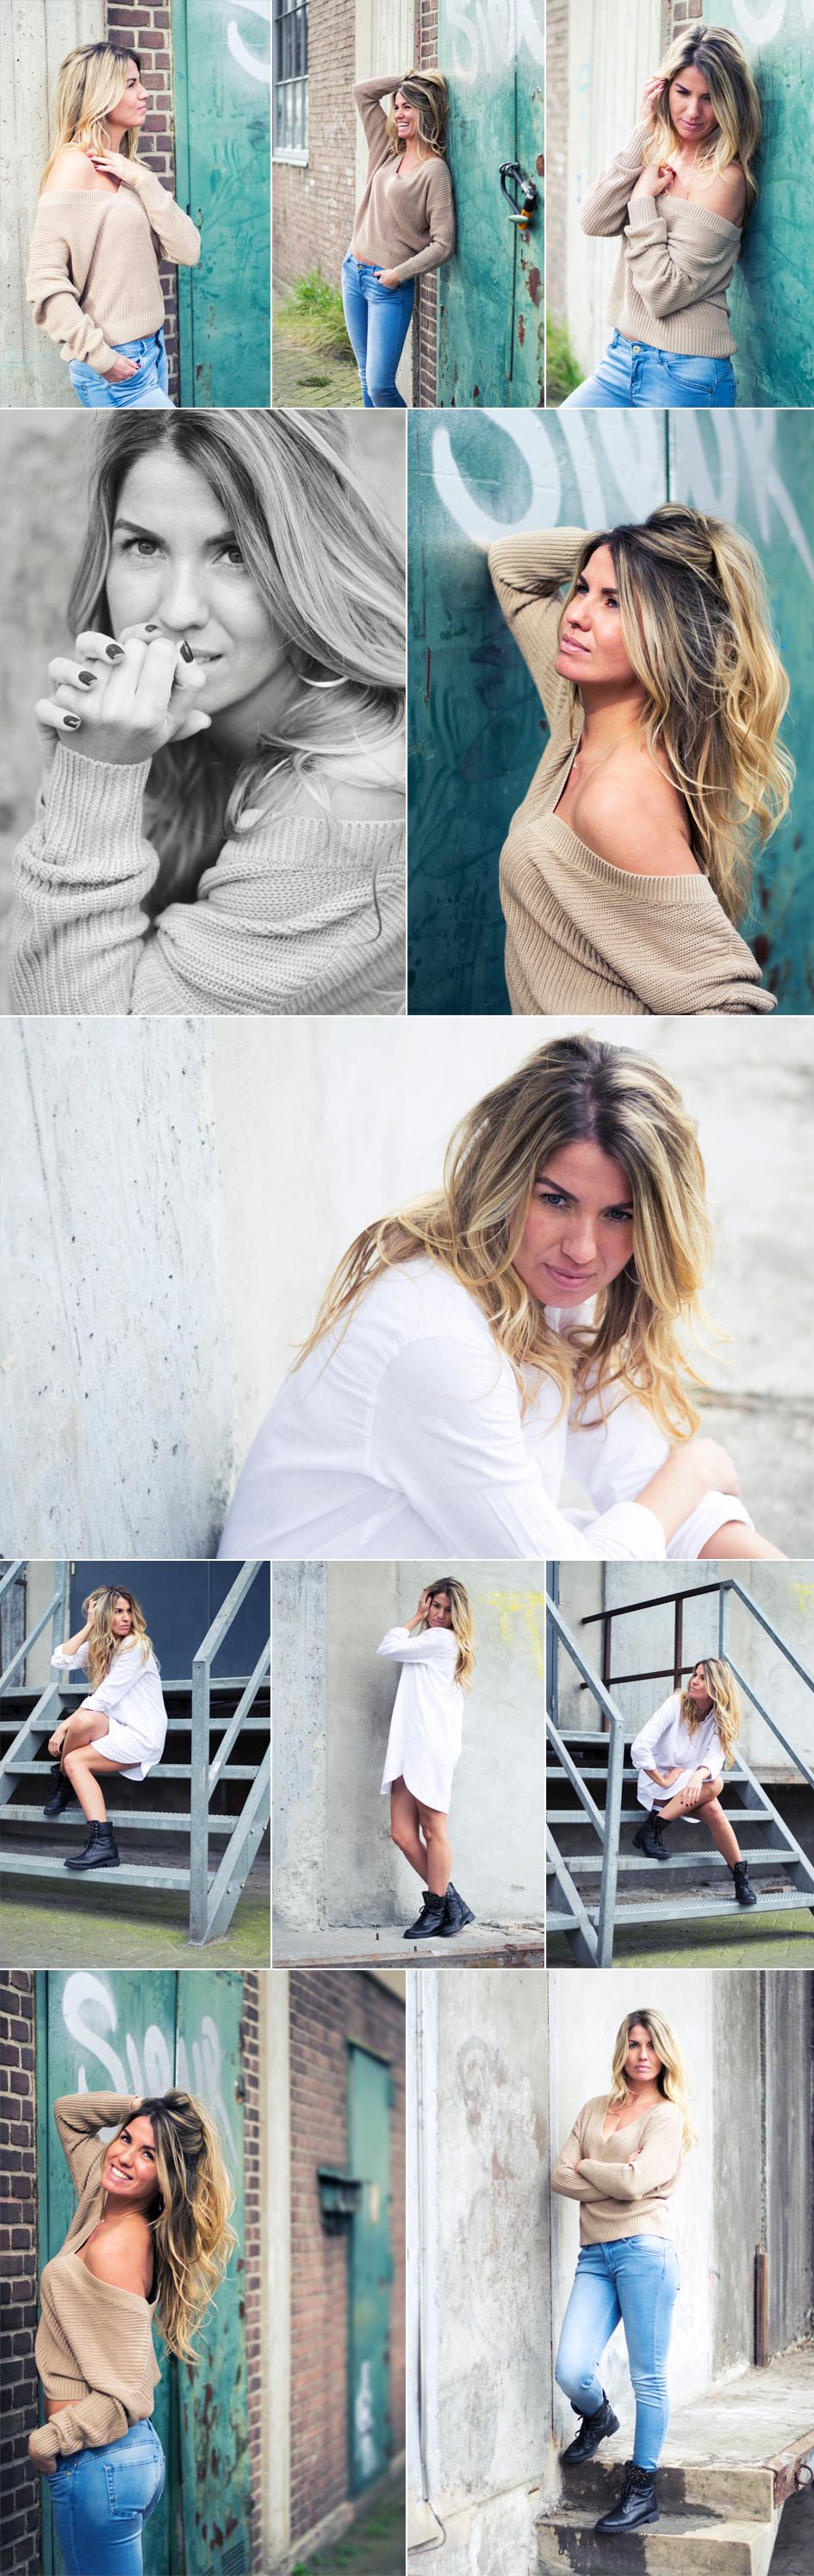 Industriële portretfotografie Amy